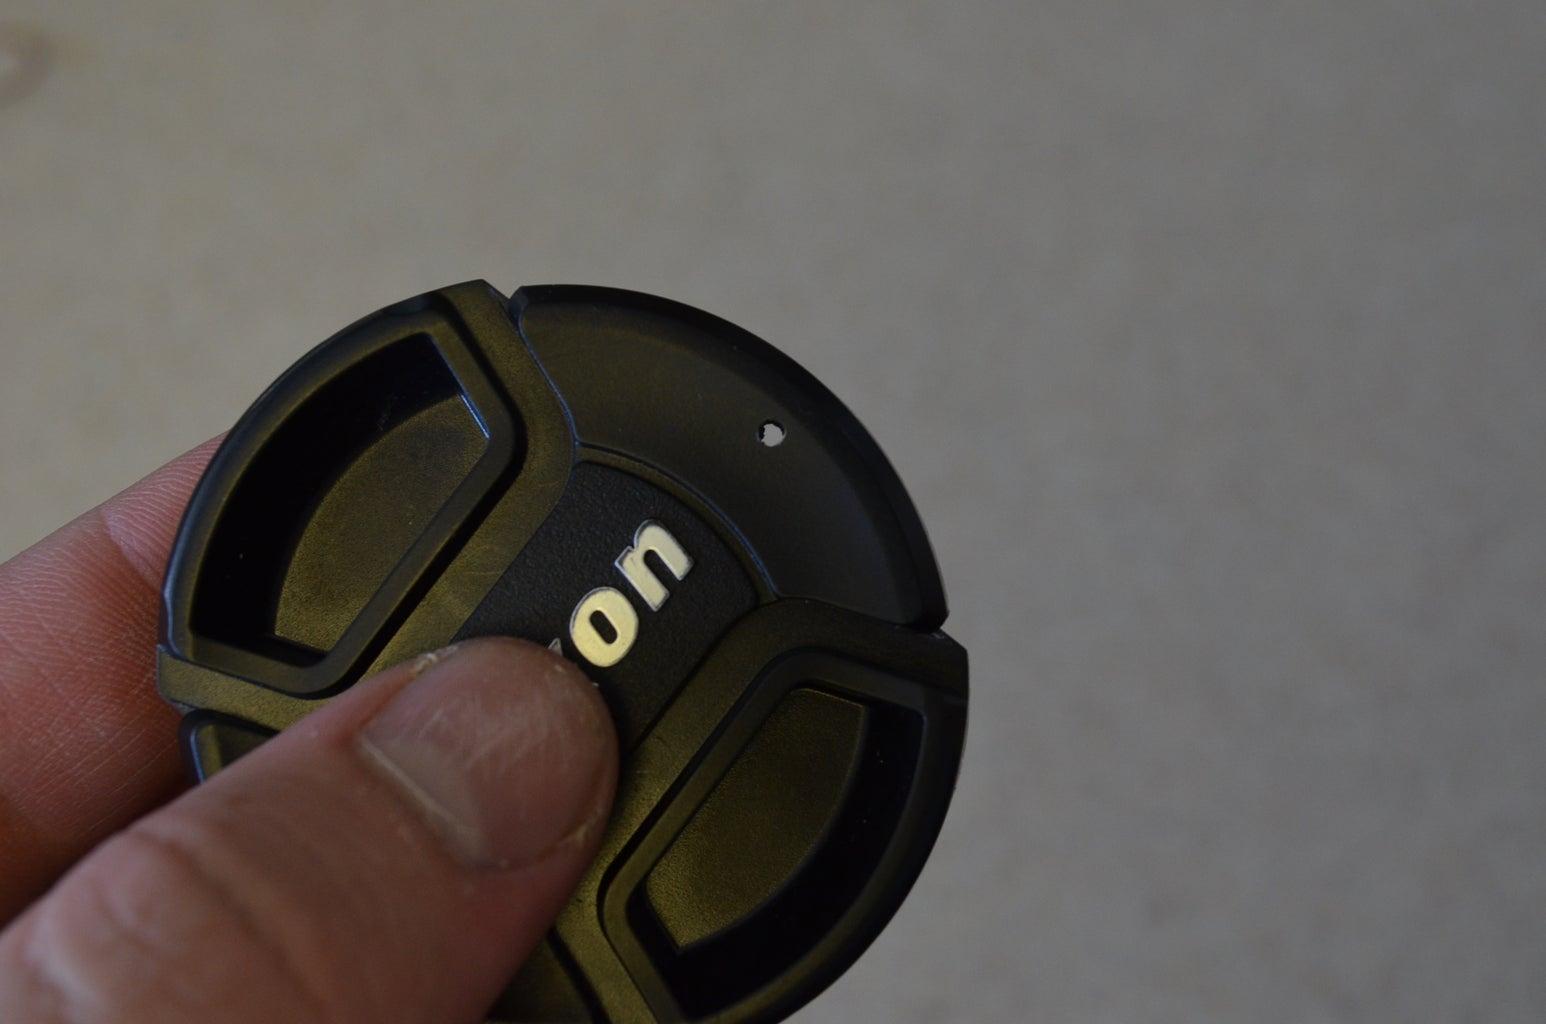 Bonus Lens Cap Tether